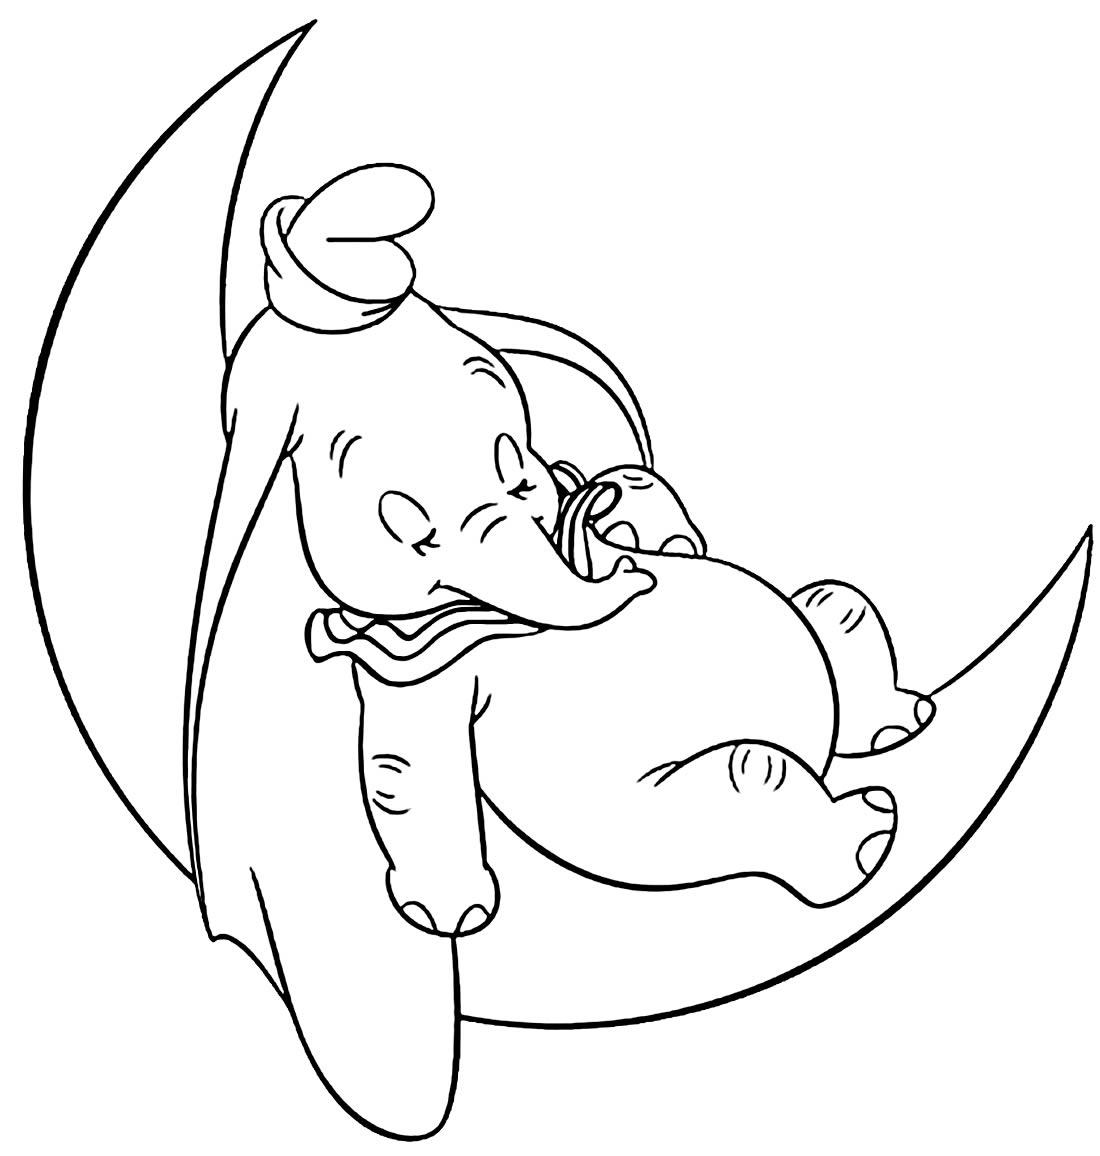 Imagem para pintar de Elefante